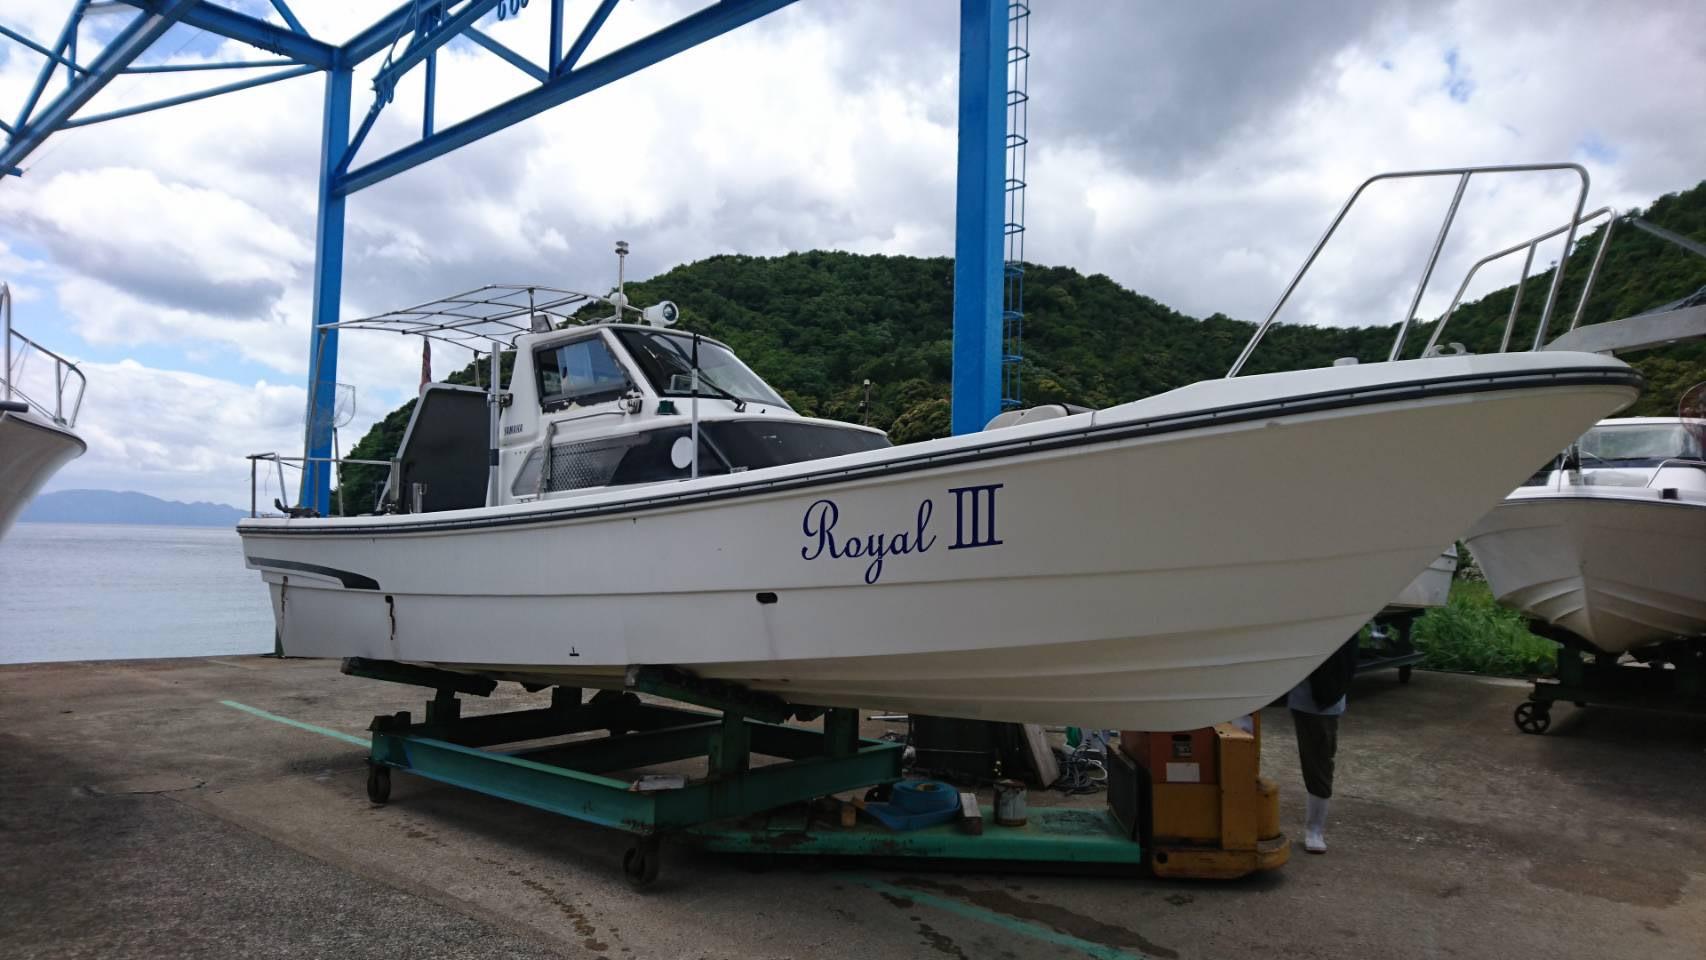 売約済み!たくさんのお問合せありがとうございました!程度の素晴らしいボートです。早いもの勝ちでした!GPS魚探新品!!美艇!!ヤマハ YD30 ドライブ